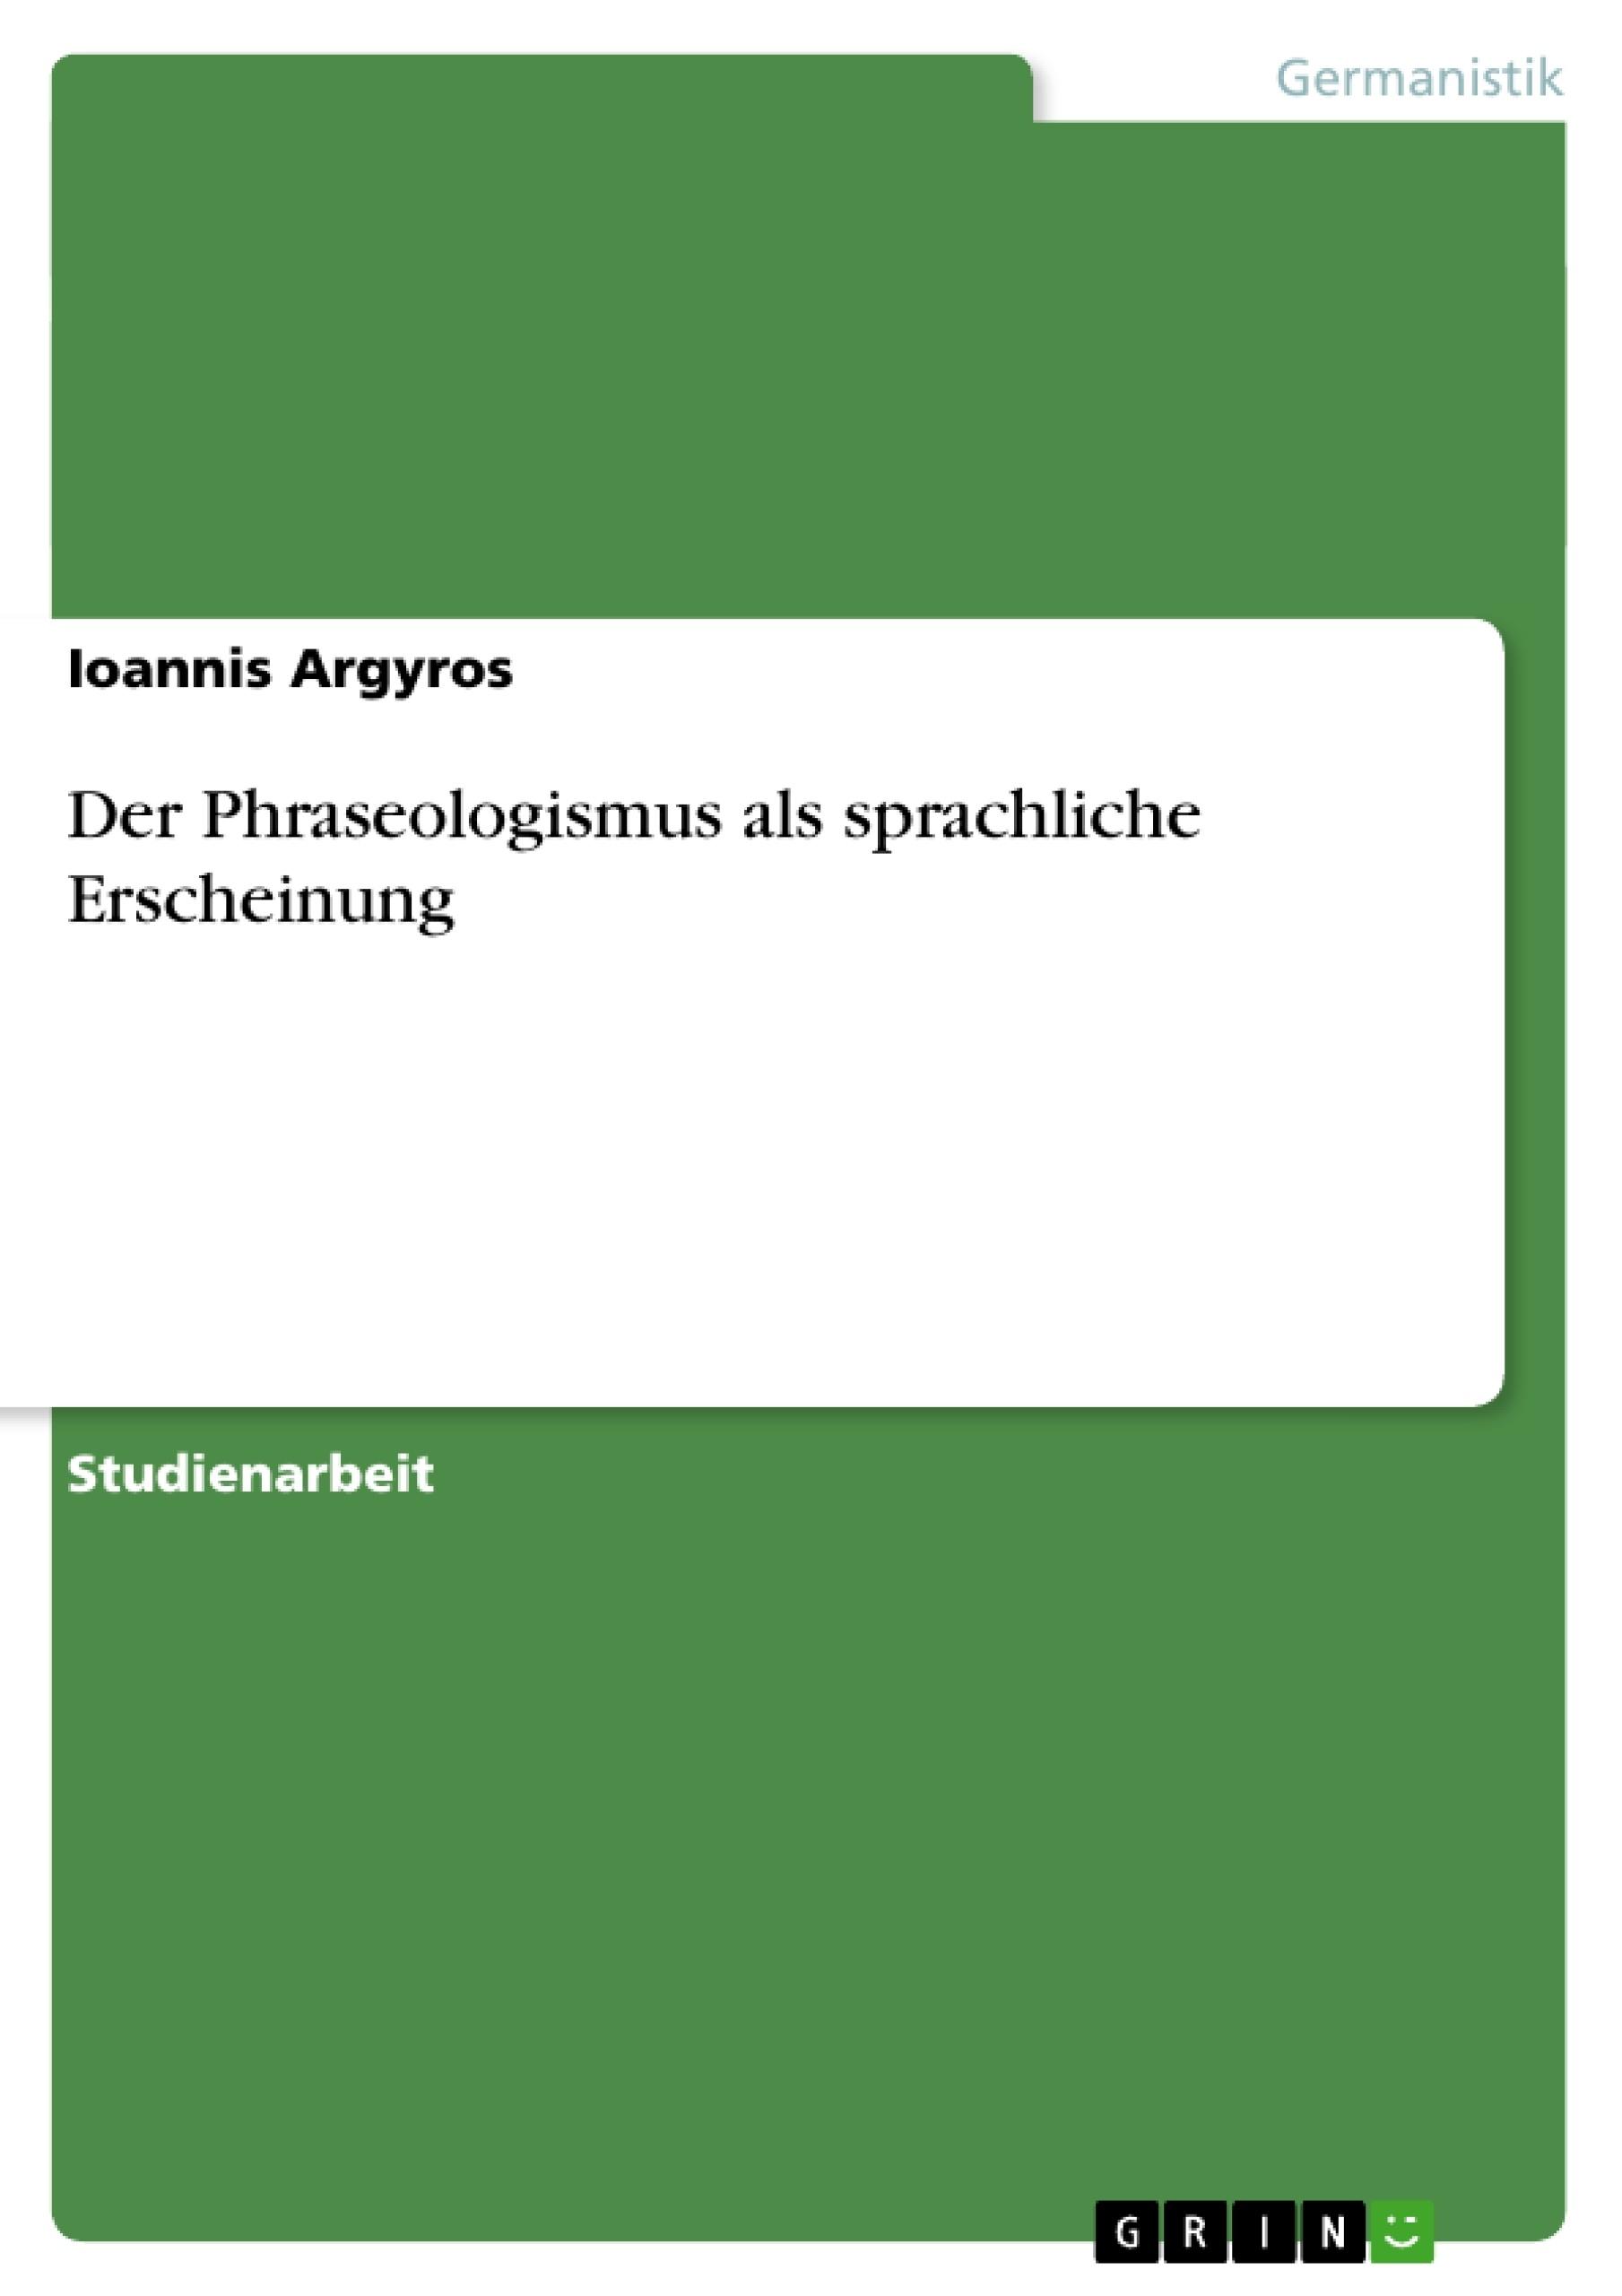 Titel: Der Phraseologismus als sprachliche Erscheinung